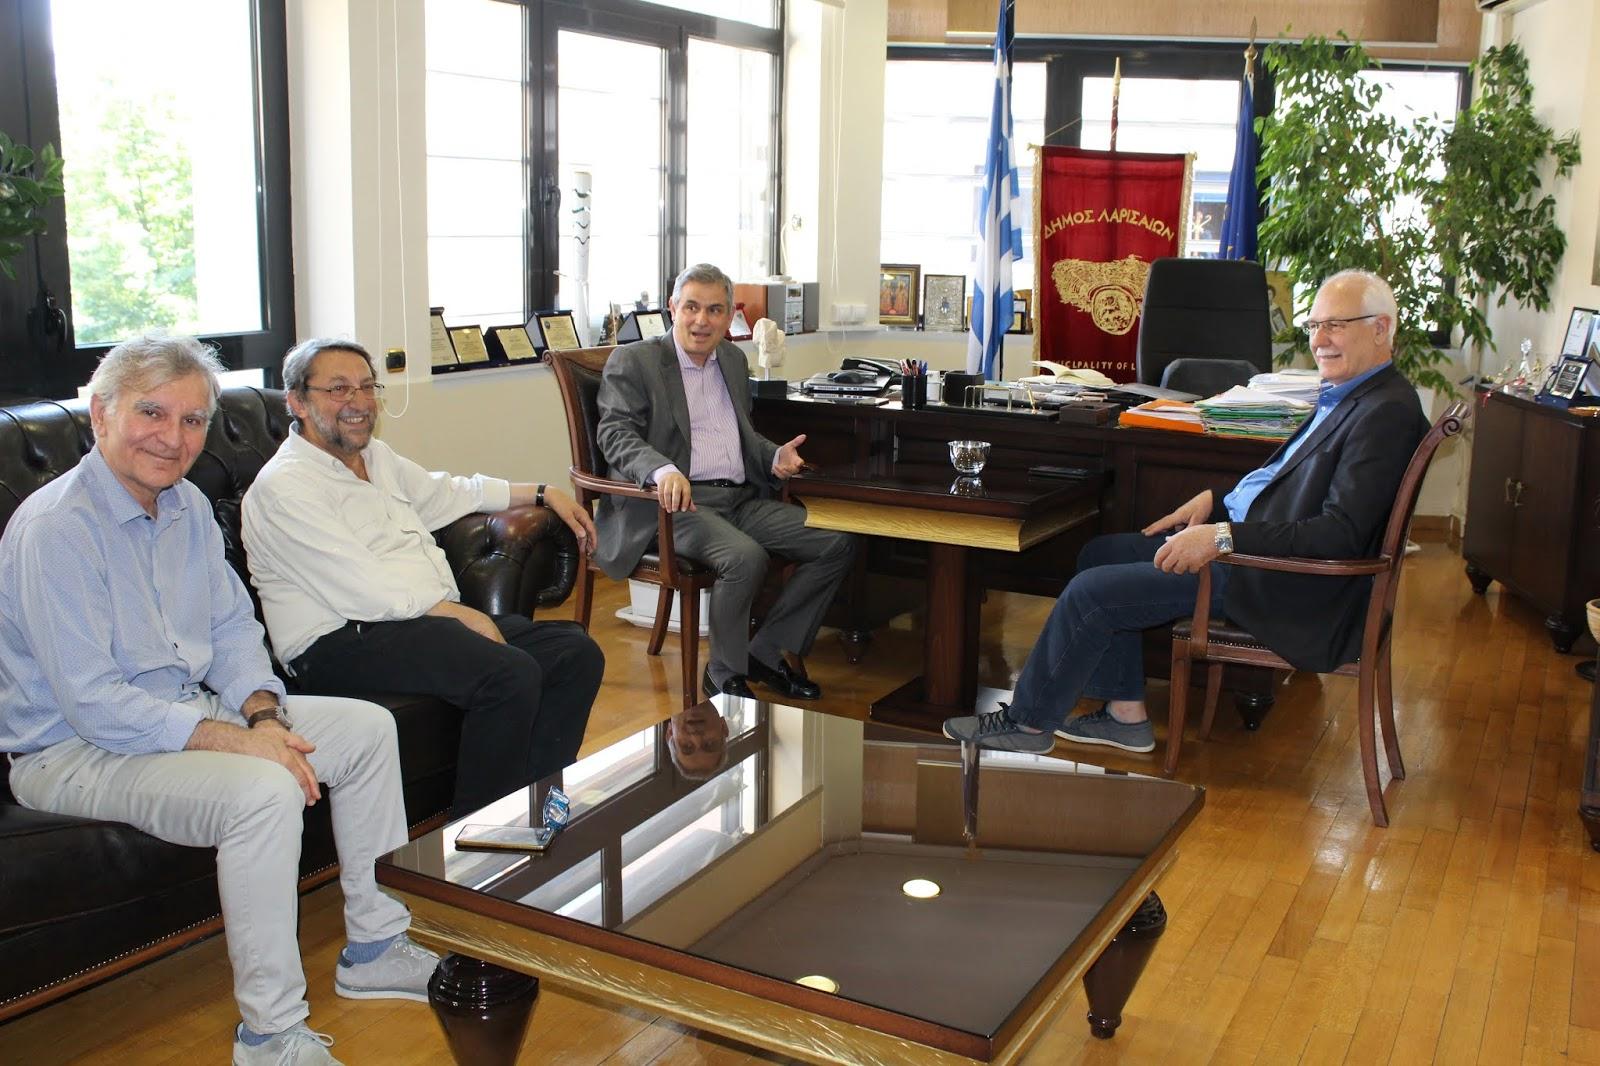 Στον δήμαρχο για συγχαρητήρια και ευχές ο Φίλιππος Σαχινίδης